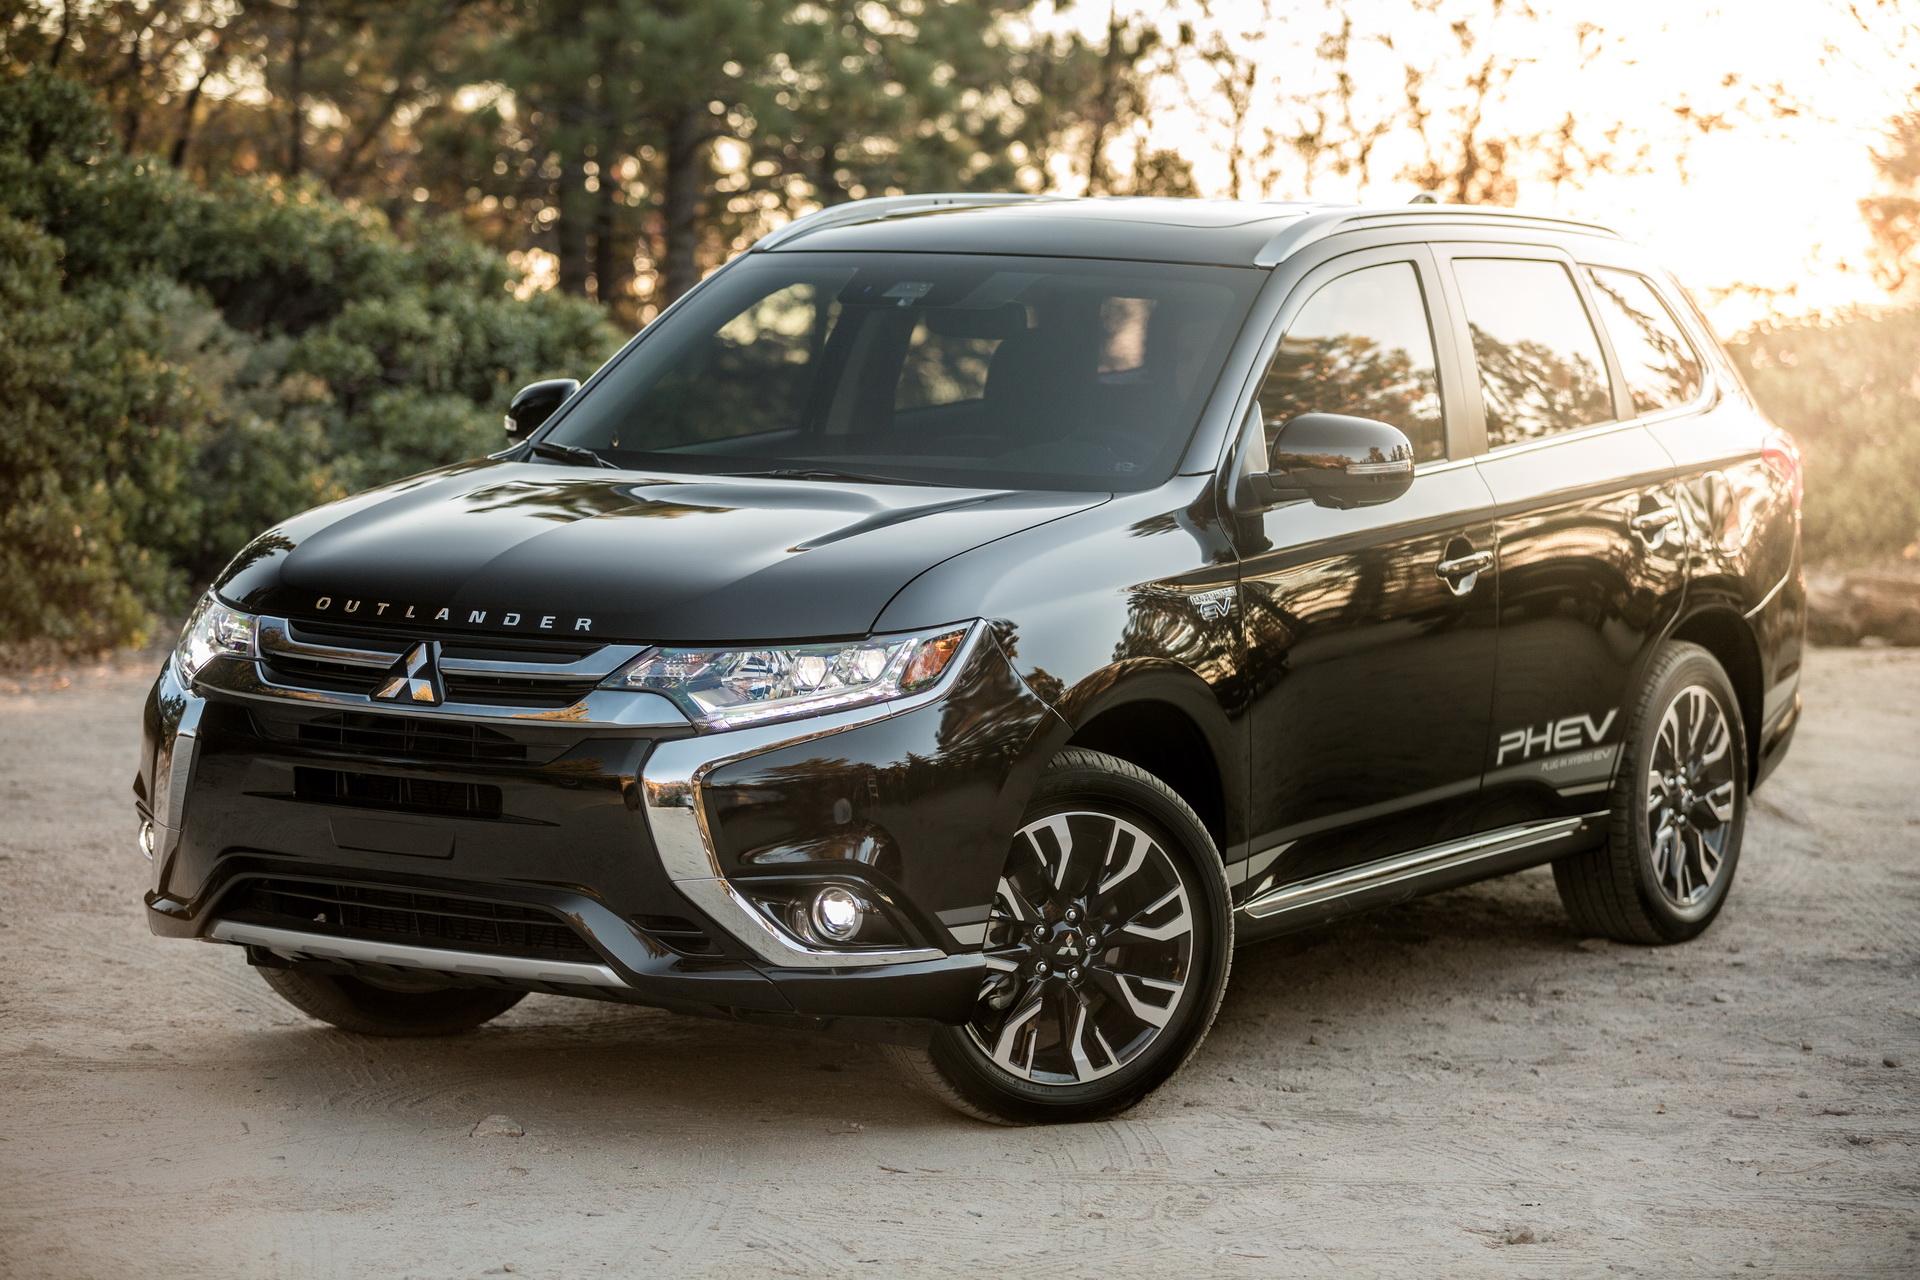 2018 Mitsubishi Outlander PHEV